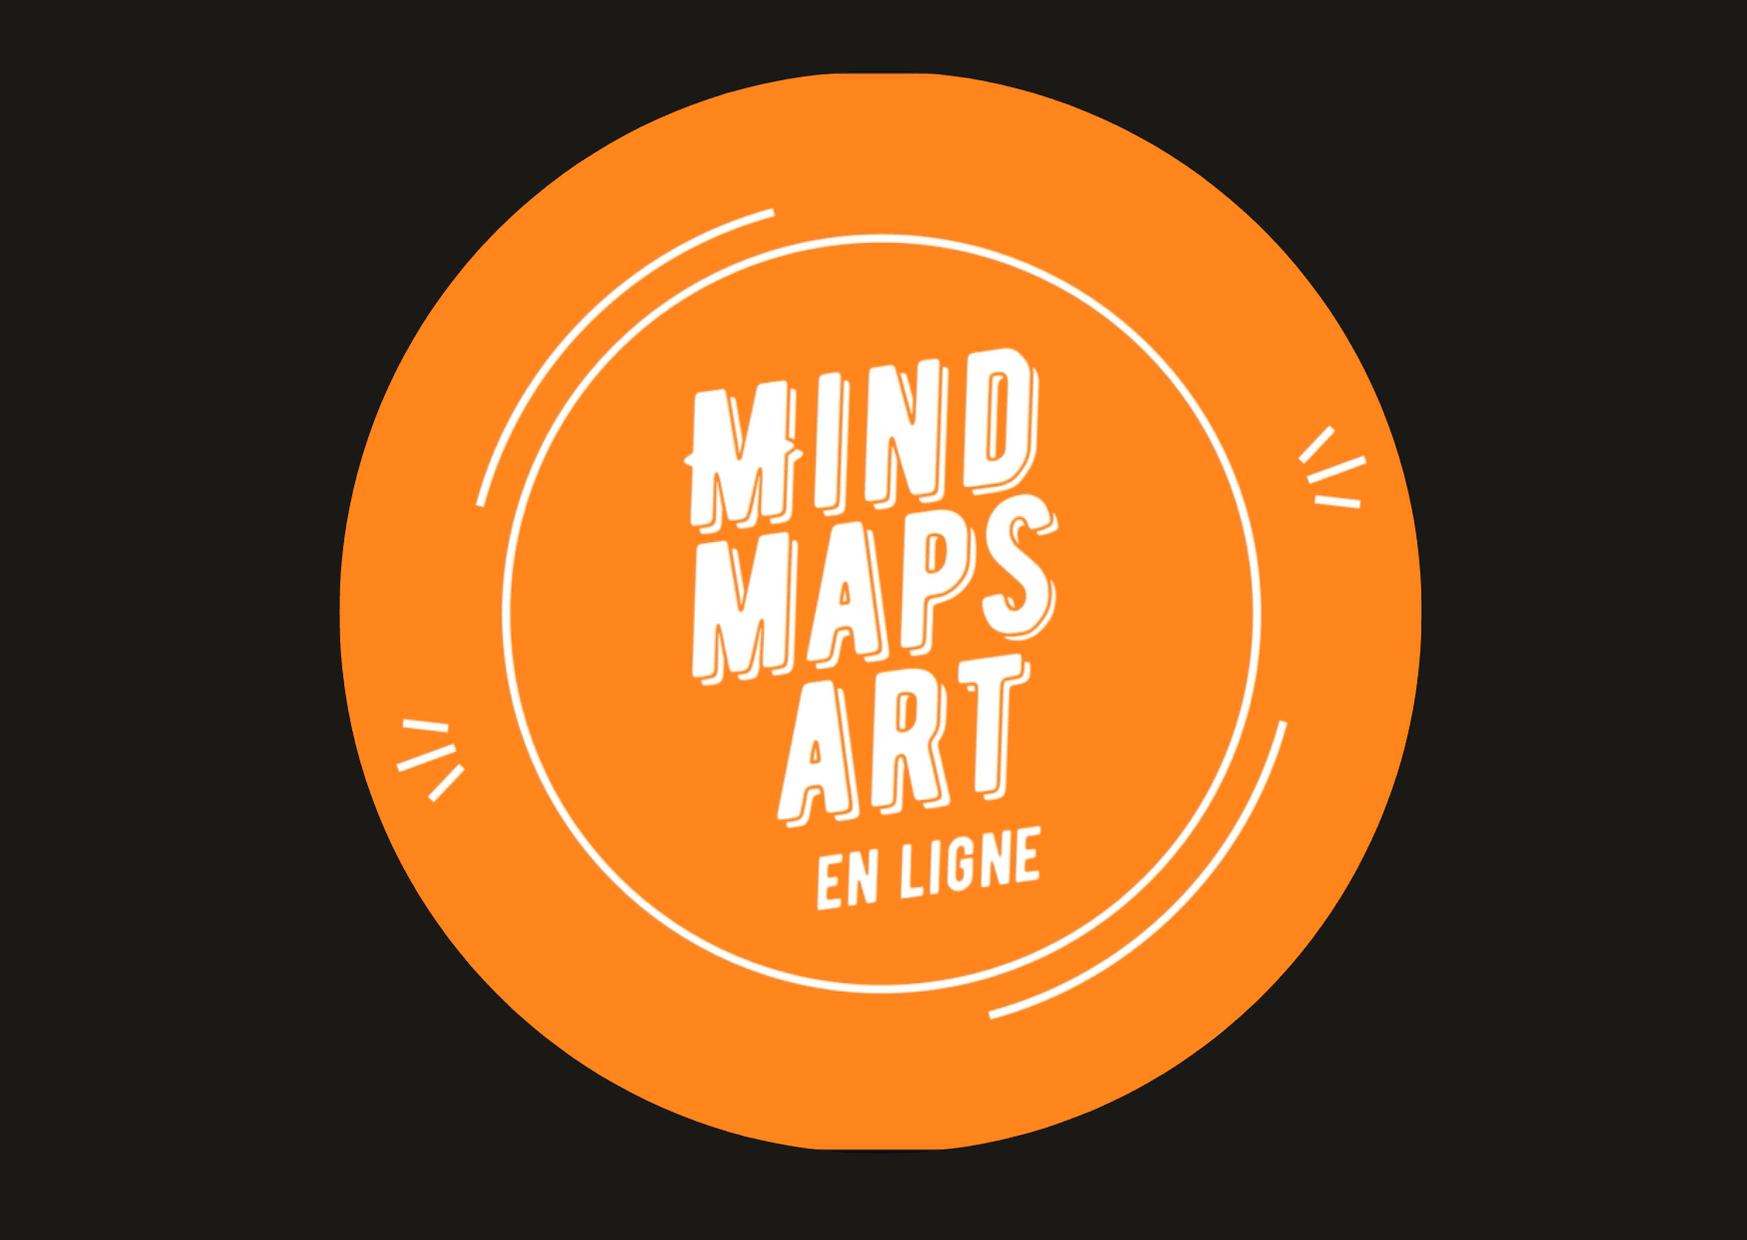 Mind Maps Art en ligne